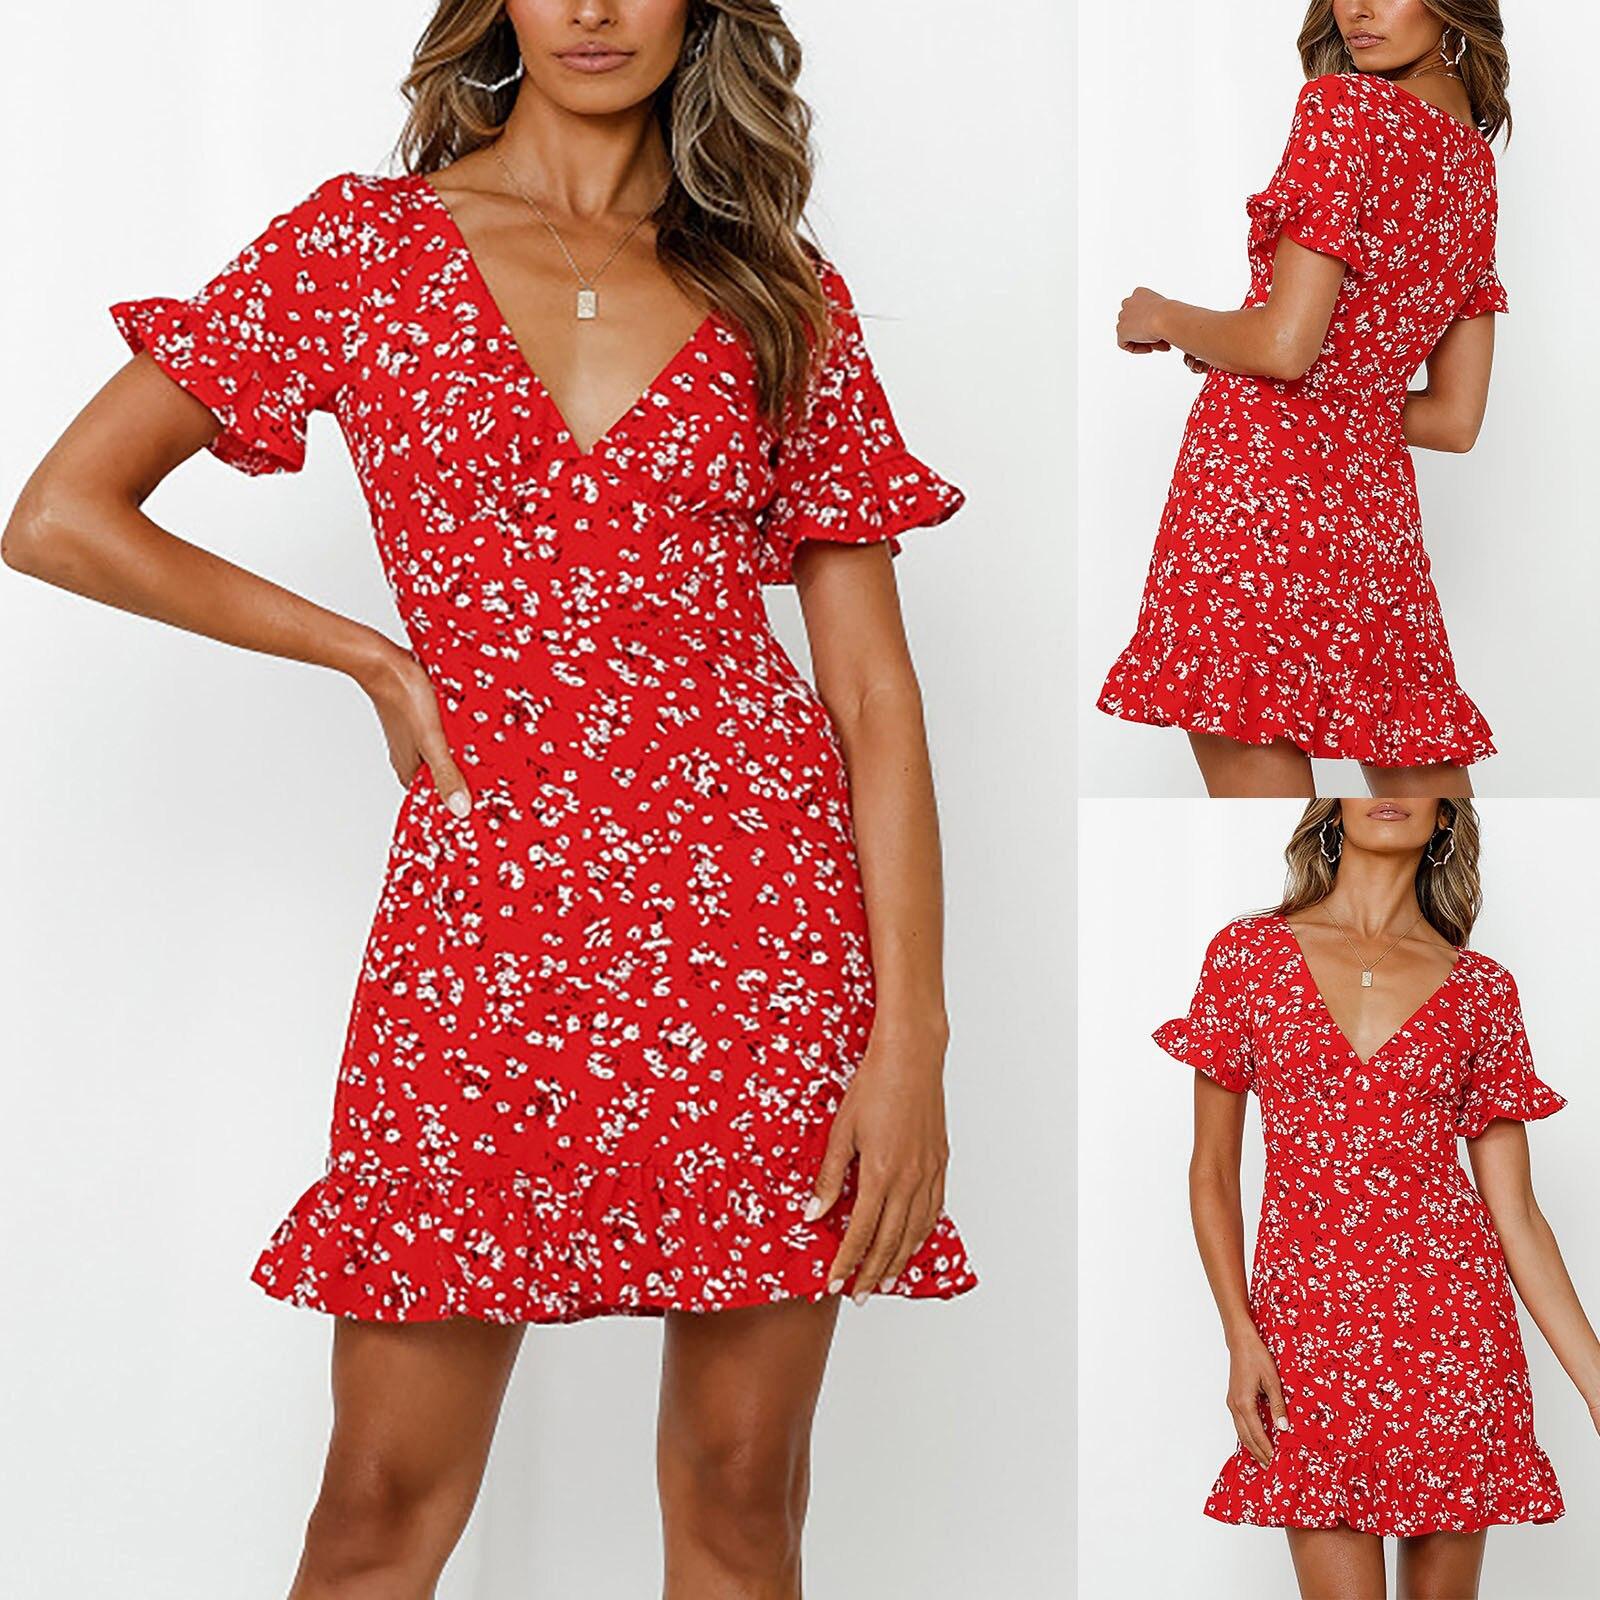 S-XL красный романтическое платье с цветочным рисунком для женщин новые летние 2021, с короткими рукавами, с принтом хеджирования Повседневные ... пуловер laredoute с короткими рукавами с бантиком сзади xl красный